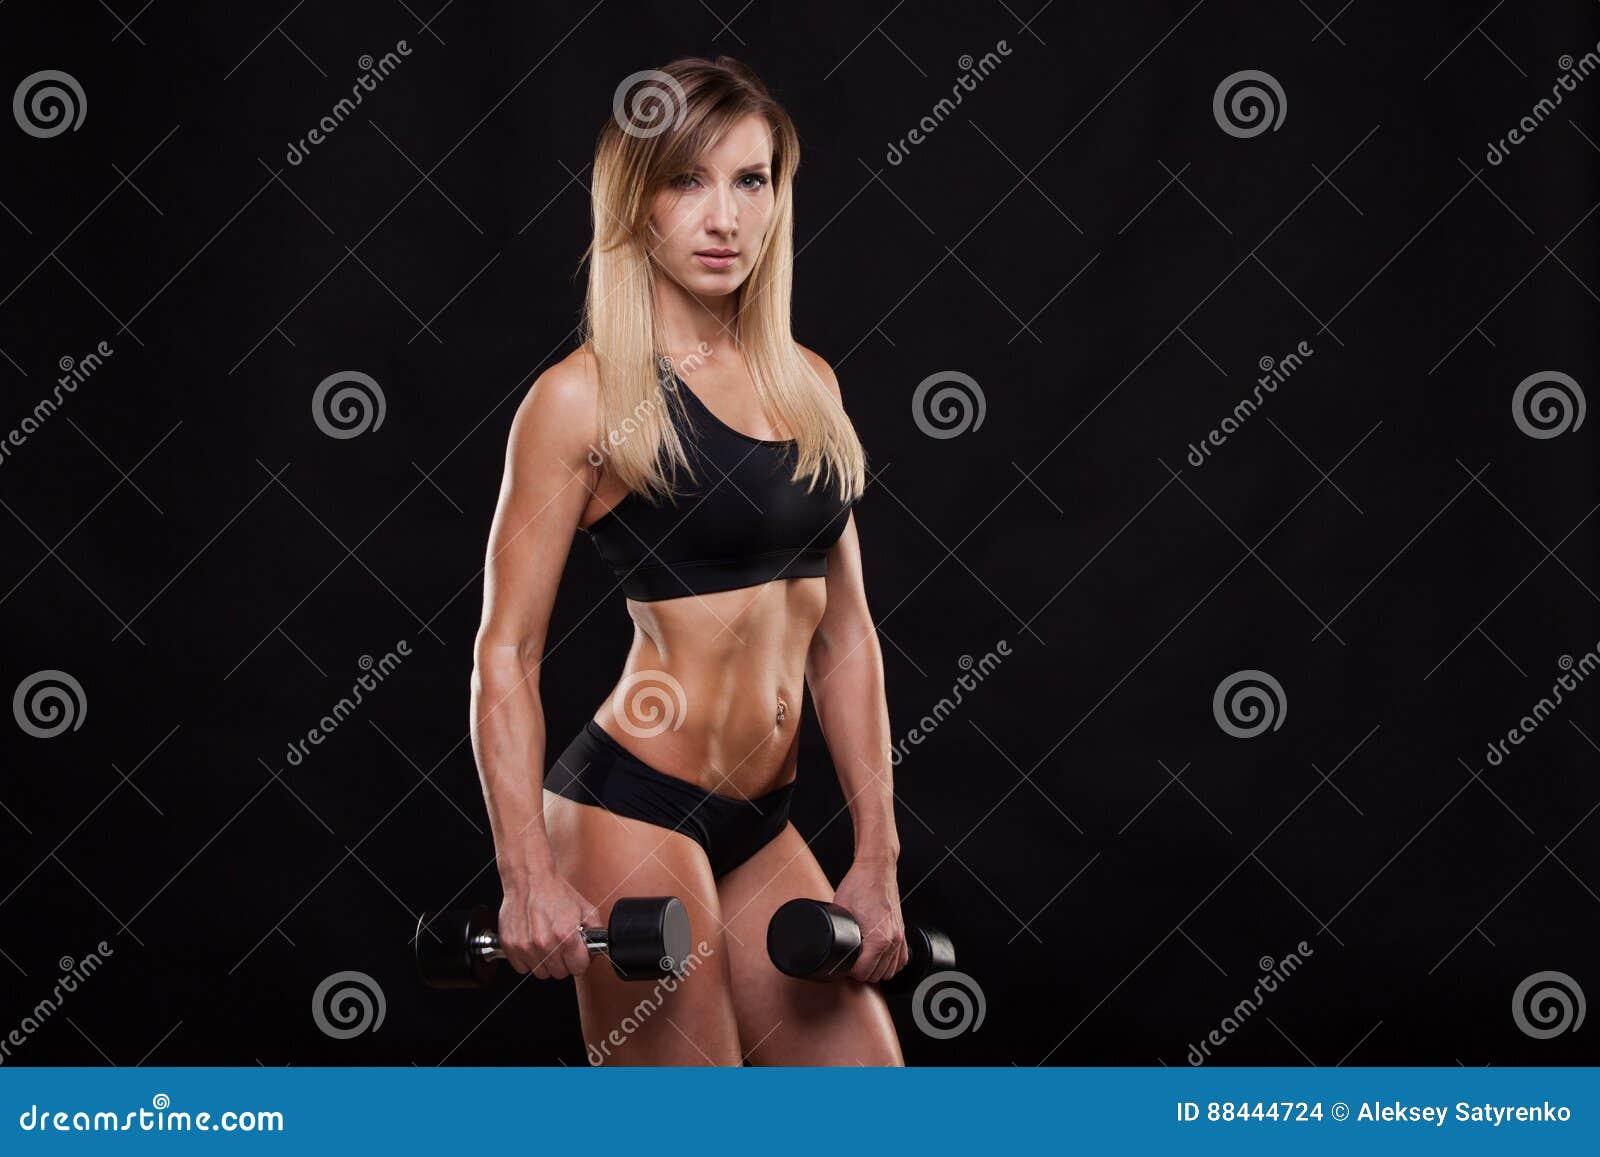 La mujer hermosa de la aptitud está levantando pesas de gimnasia Muchacha deportiva que muestra su cuerpo bien entrenado Aislado